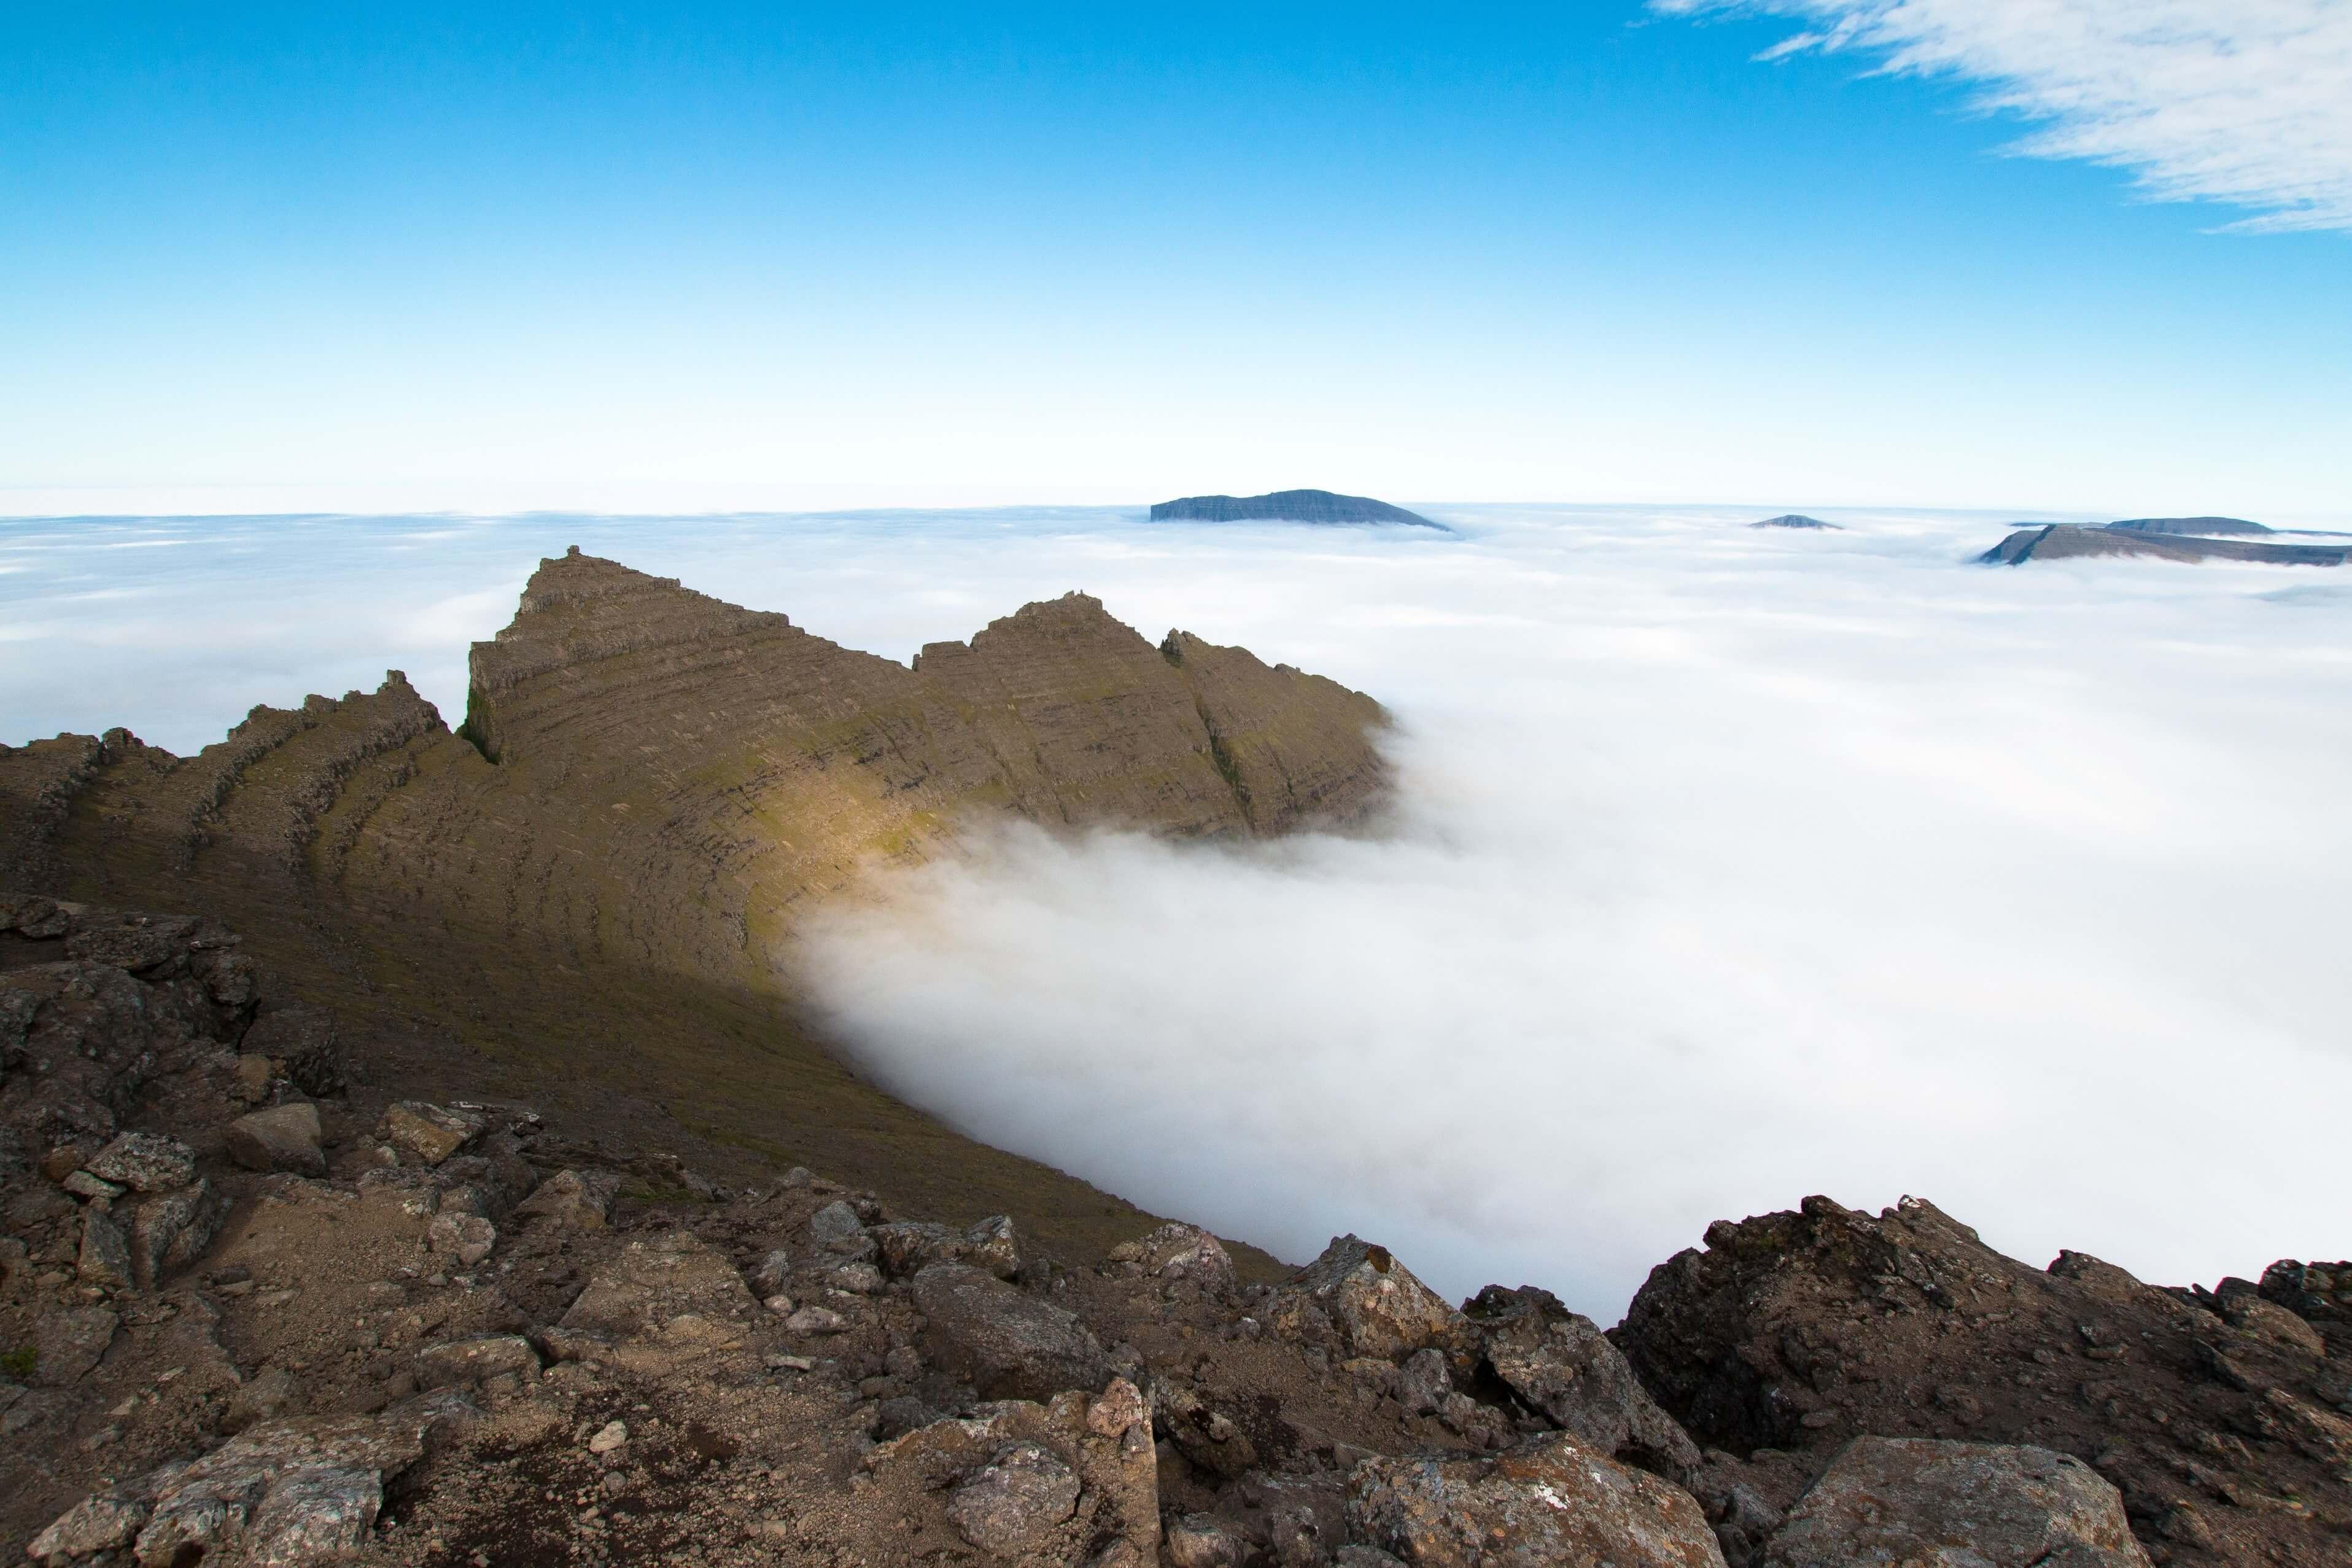 Amphitheatre Cloud Inversion